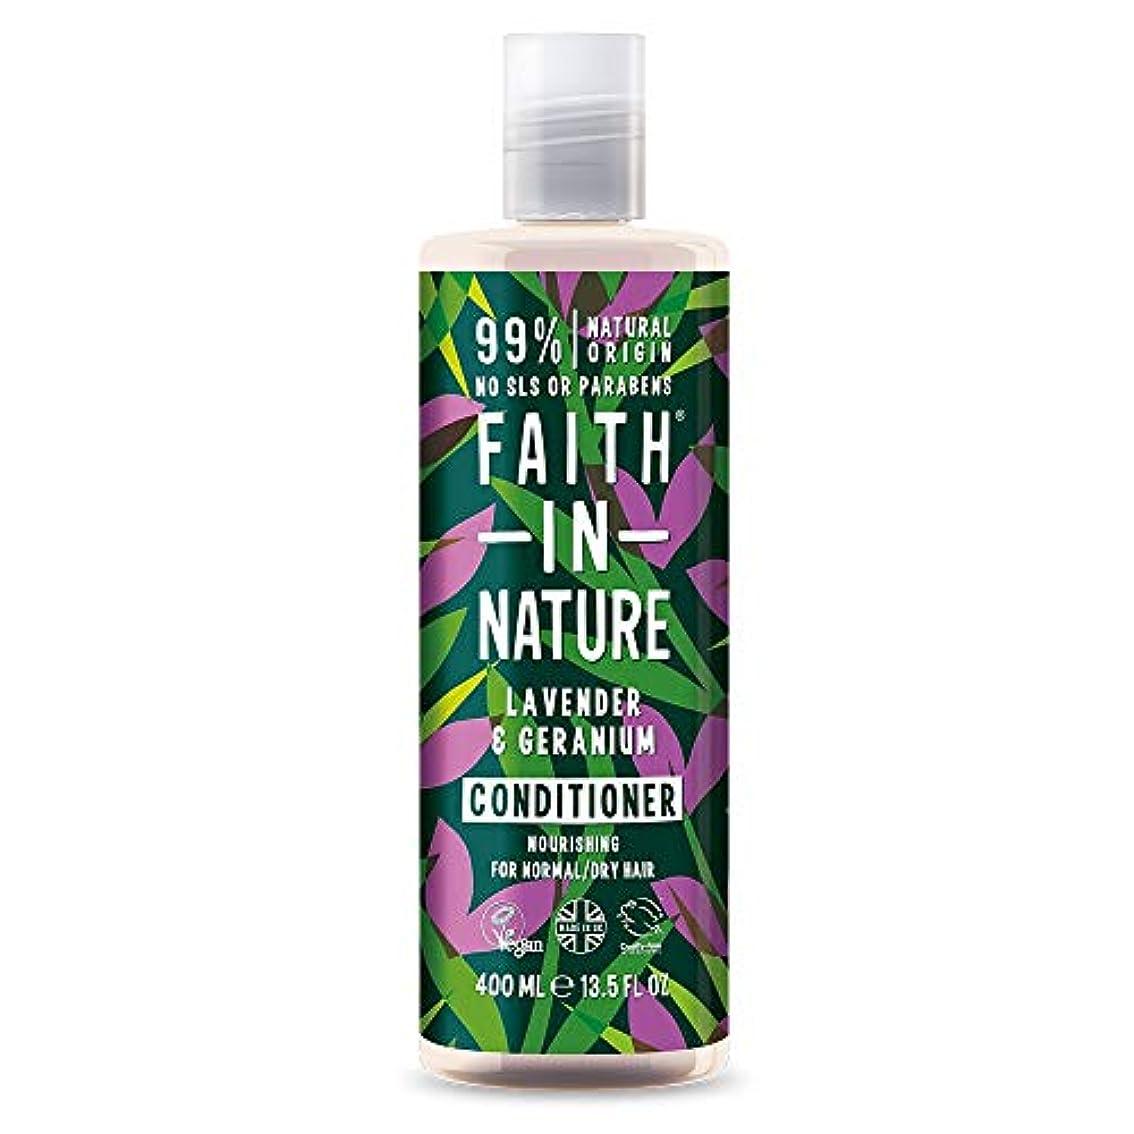 瞑想的スキャンダラス乱すFaith In Nature Lavender & Geranium Conditioner Normal To Dry Hair 400ml